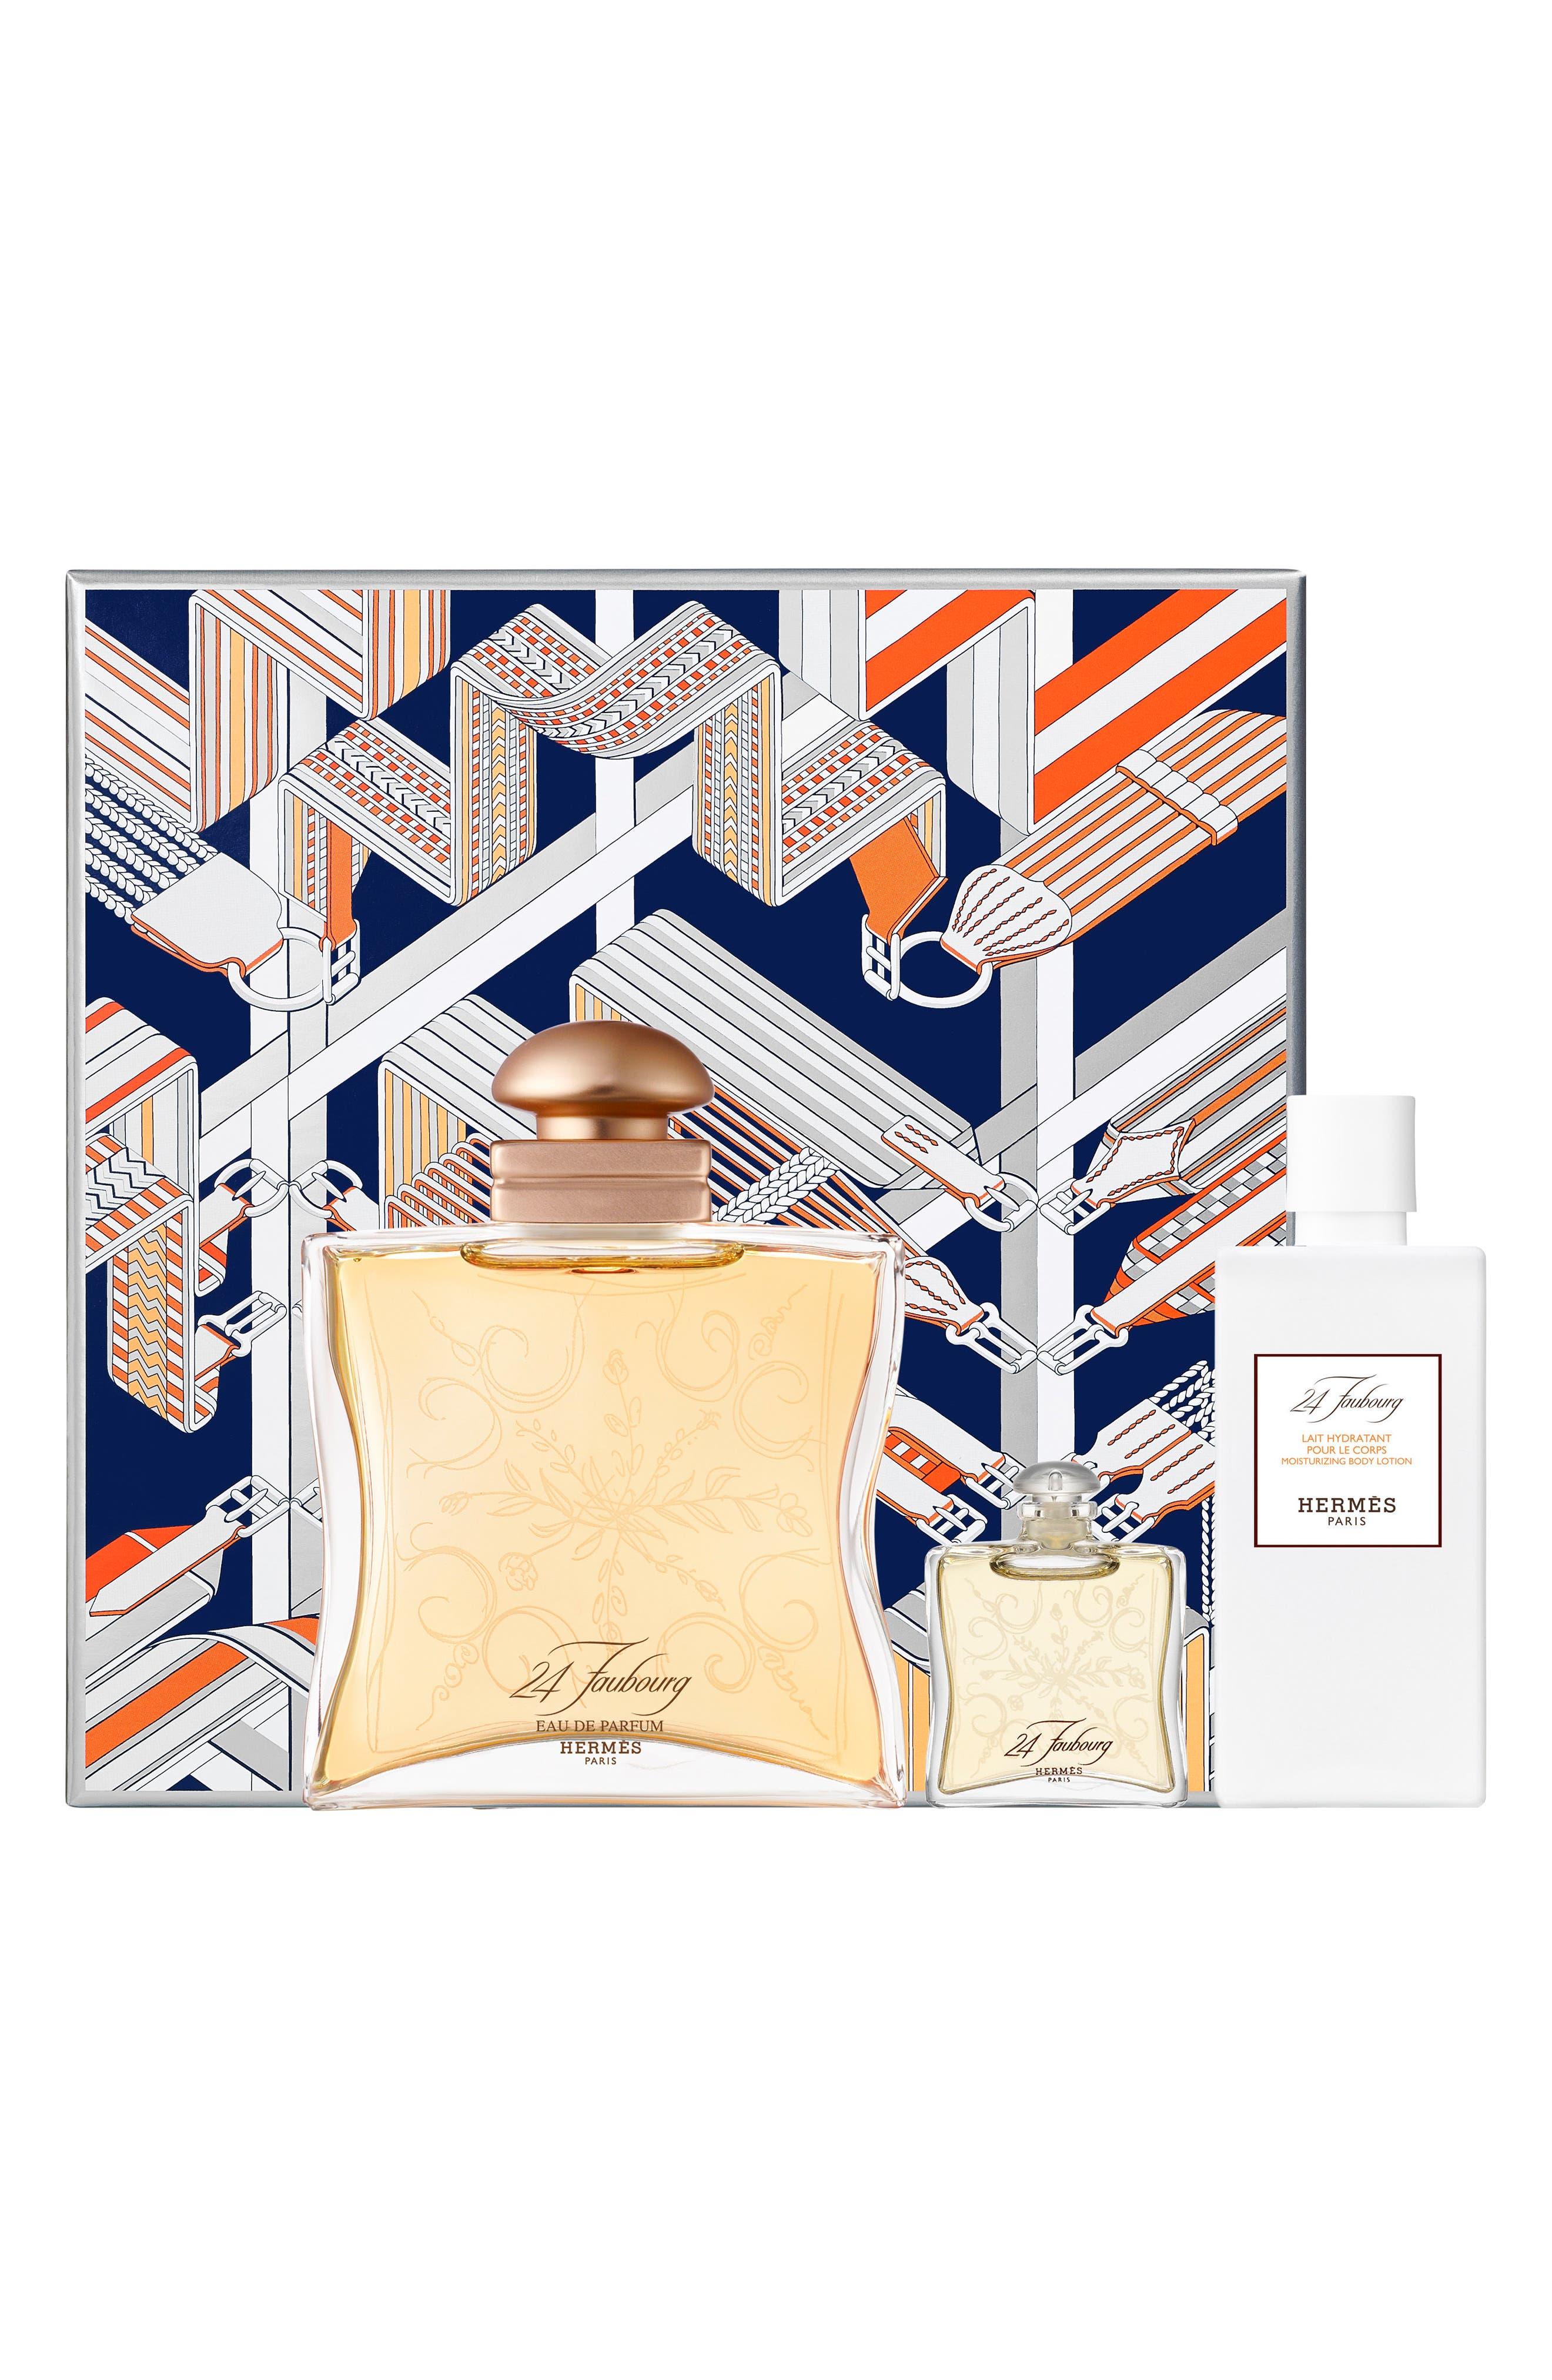 Hermès 24, Faubourg - Eau de parfum set